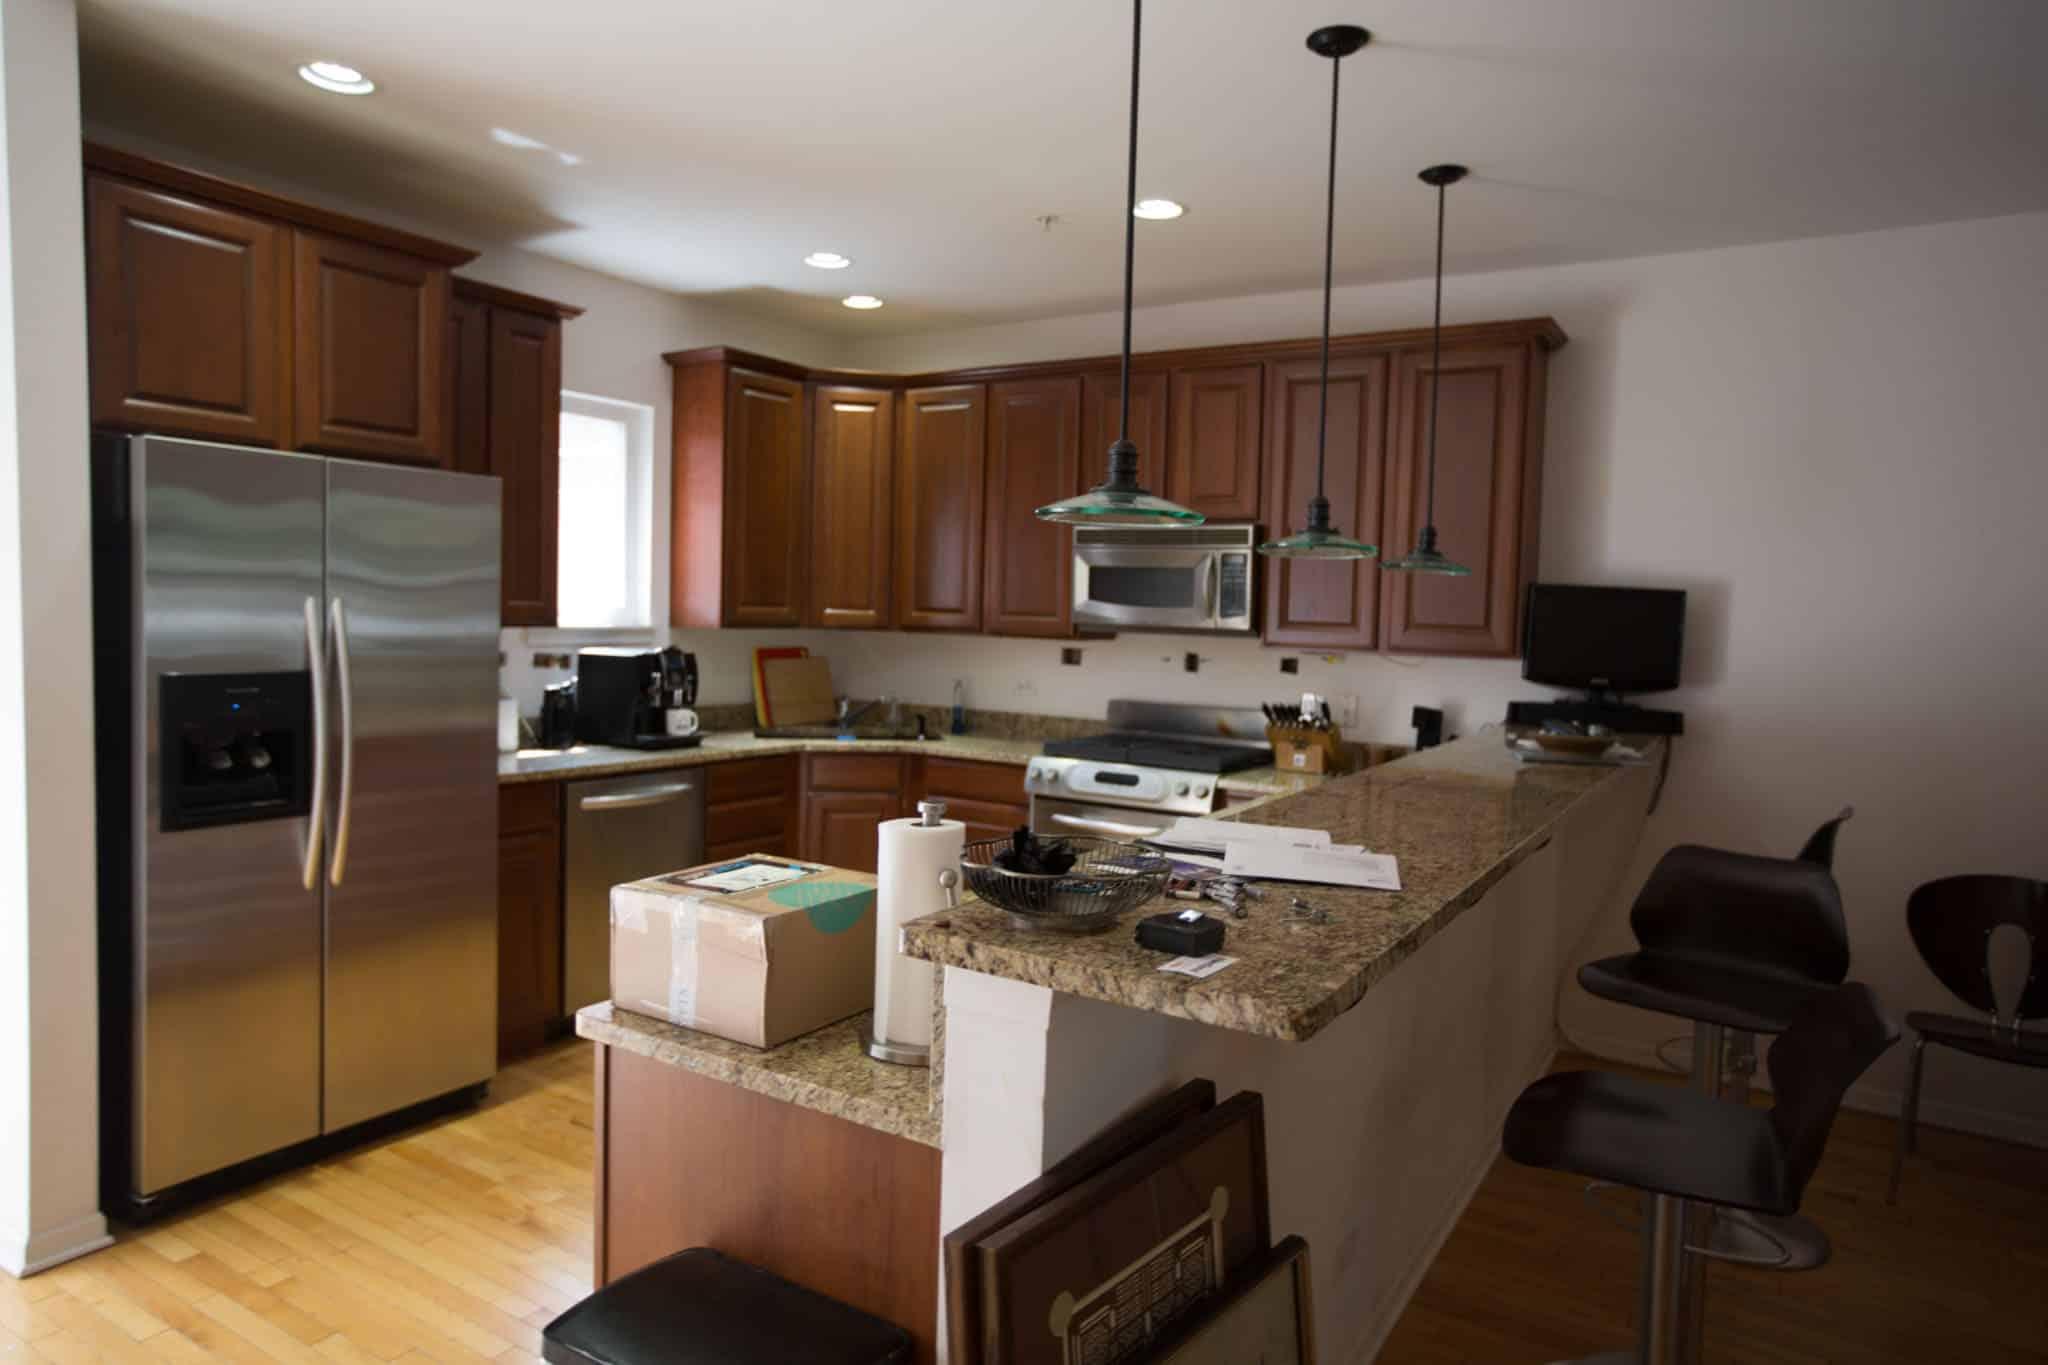 Great Evanston Interior Design, Kitchen Before